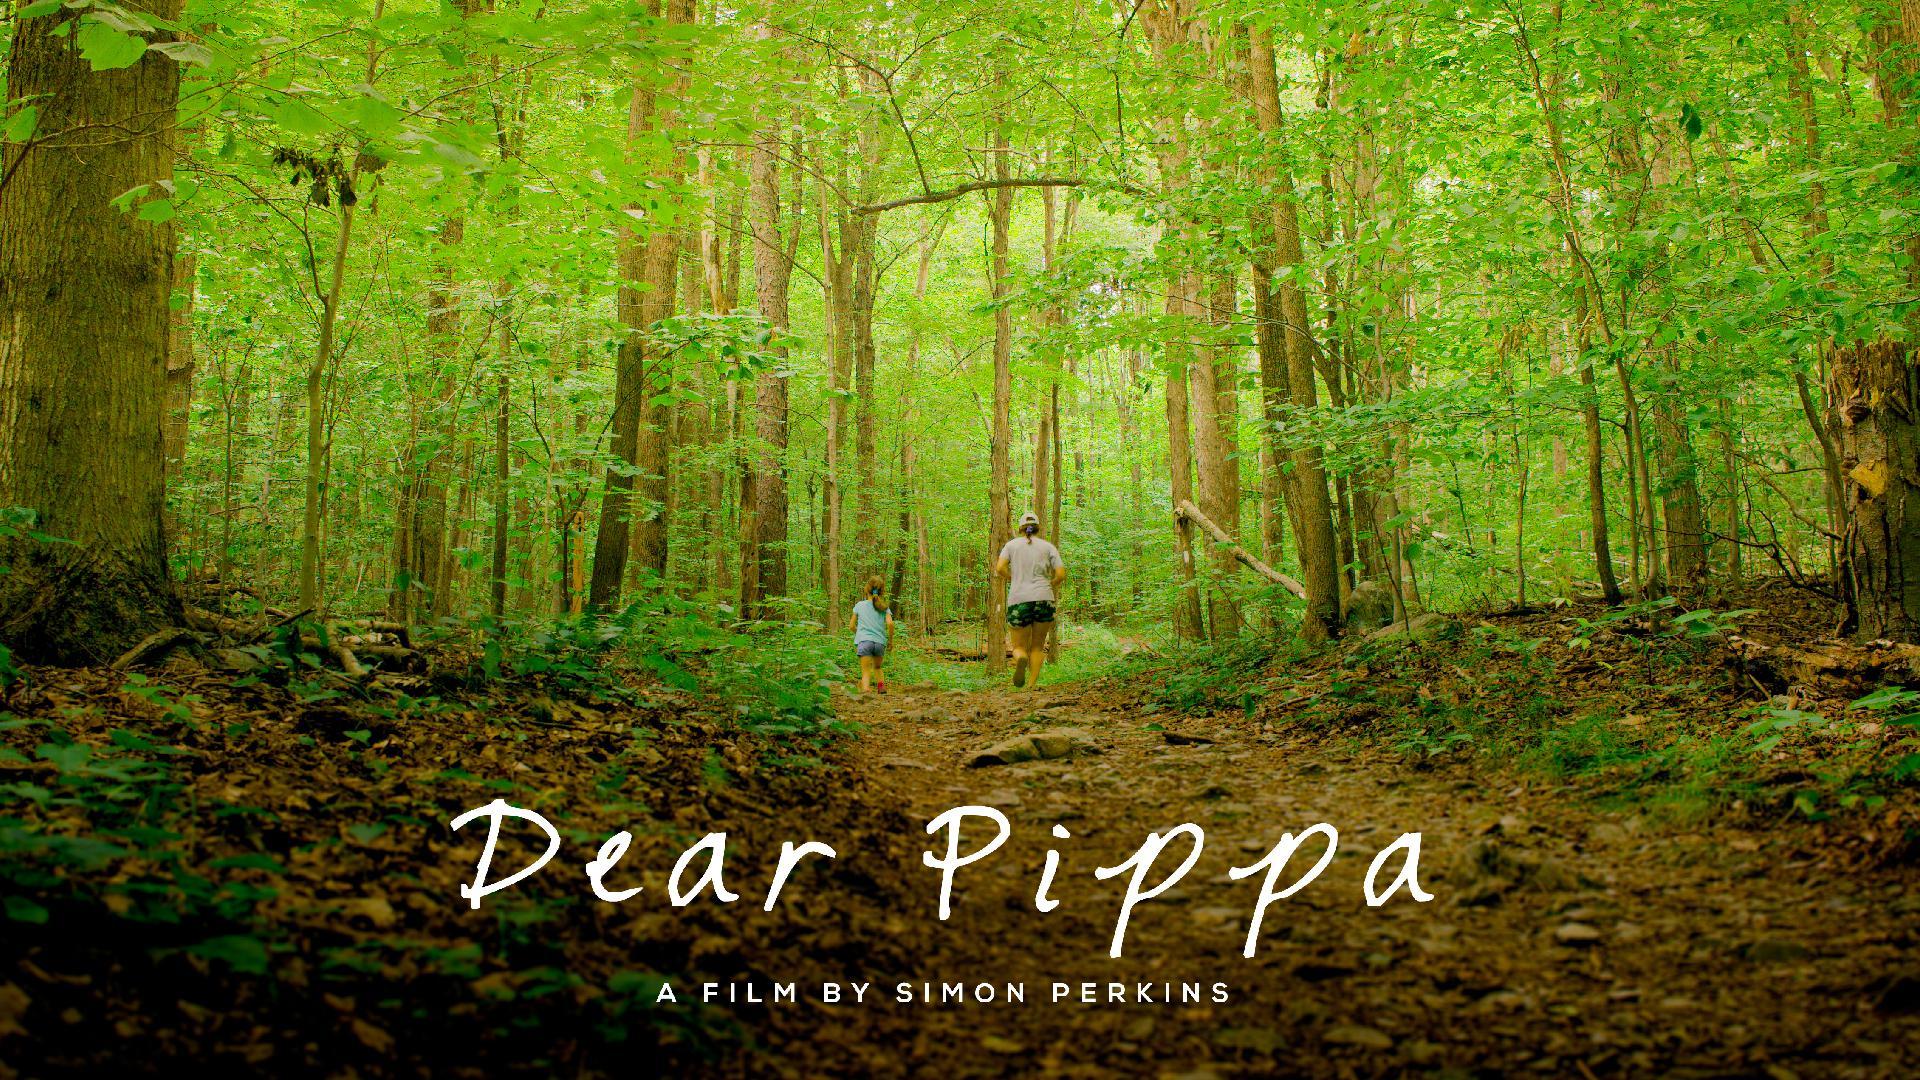 Dear Pippa